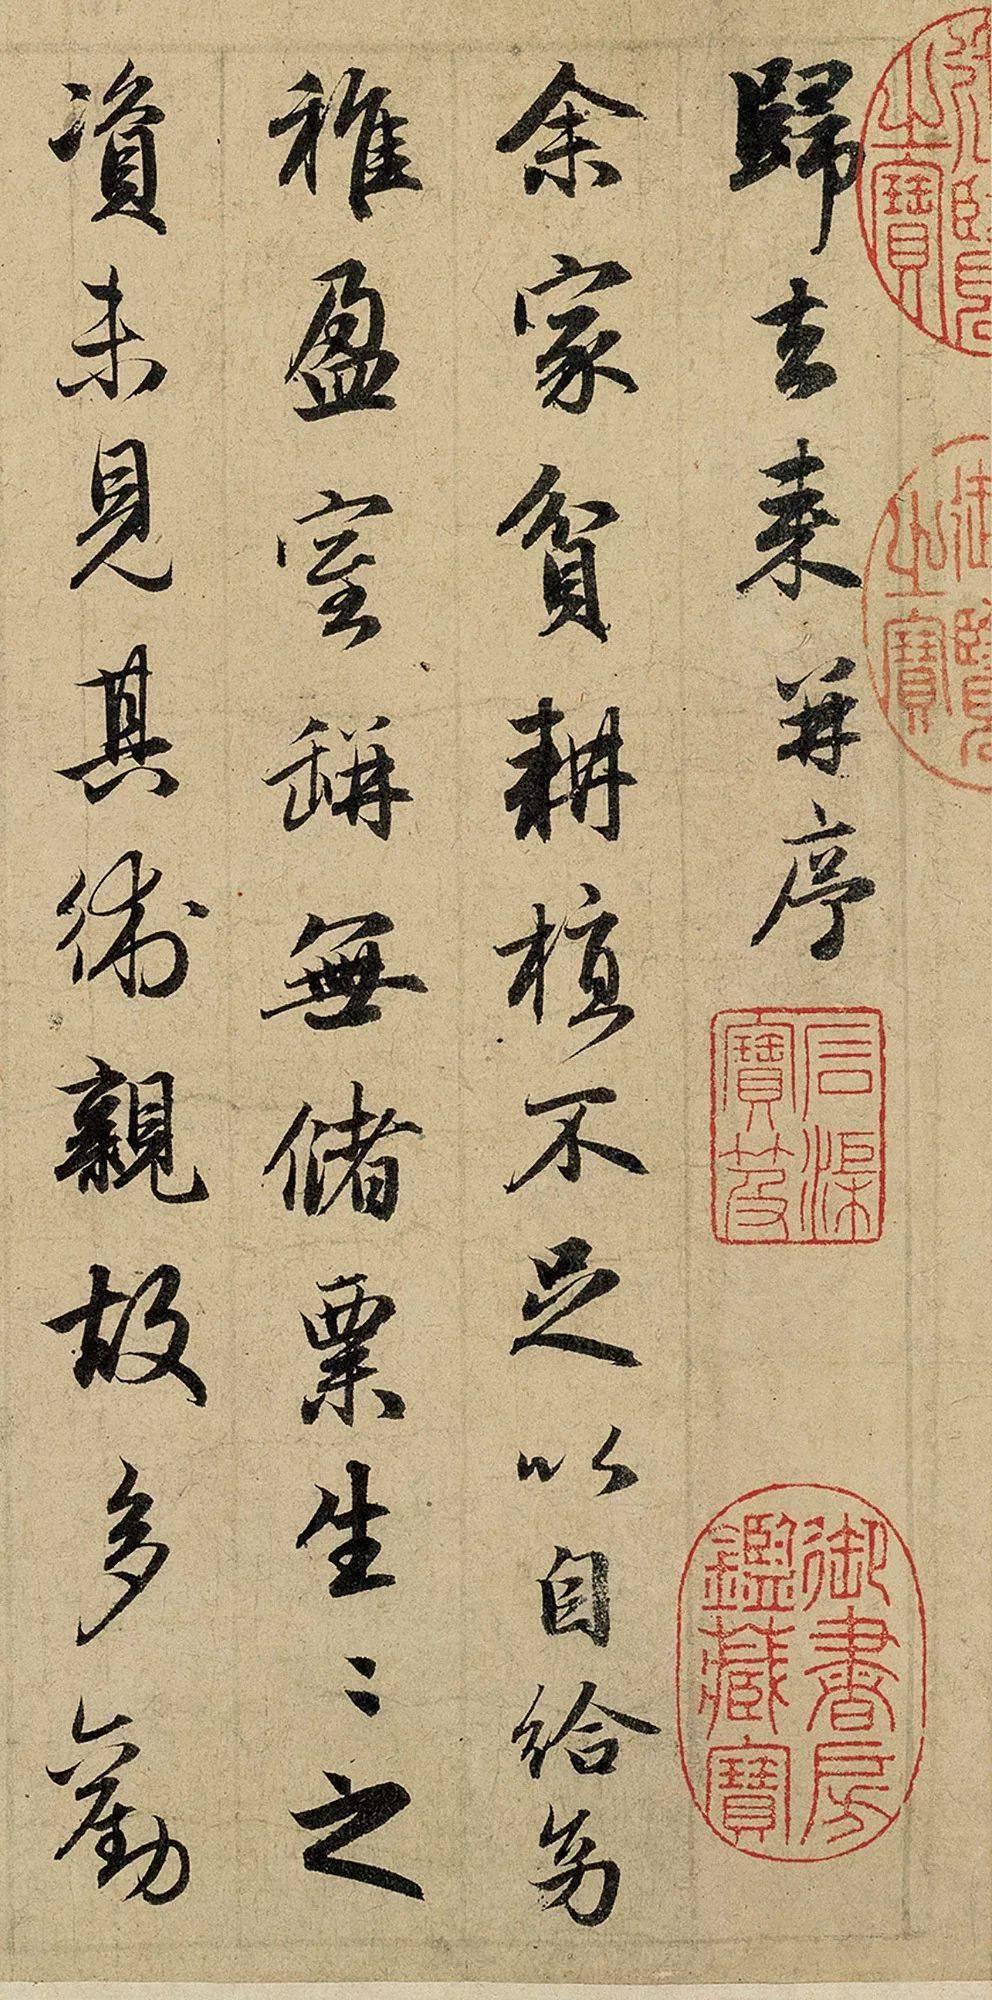 看完这幅字,你就知道赵孟頫写字多熟练了!